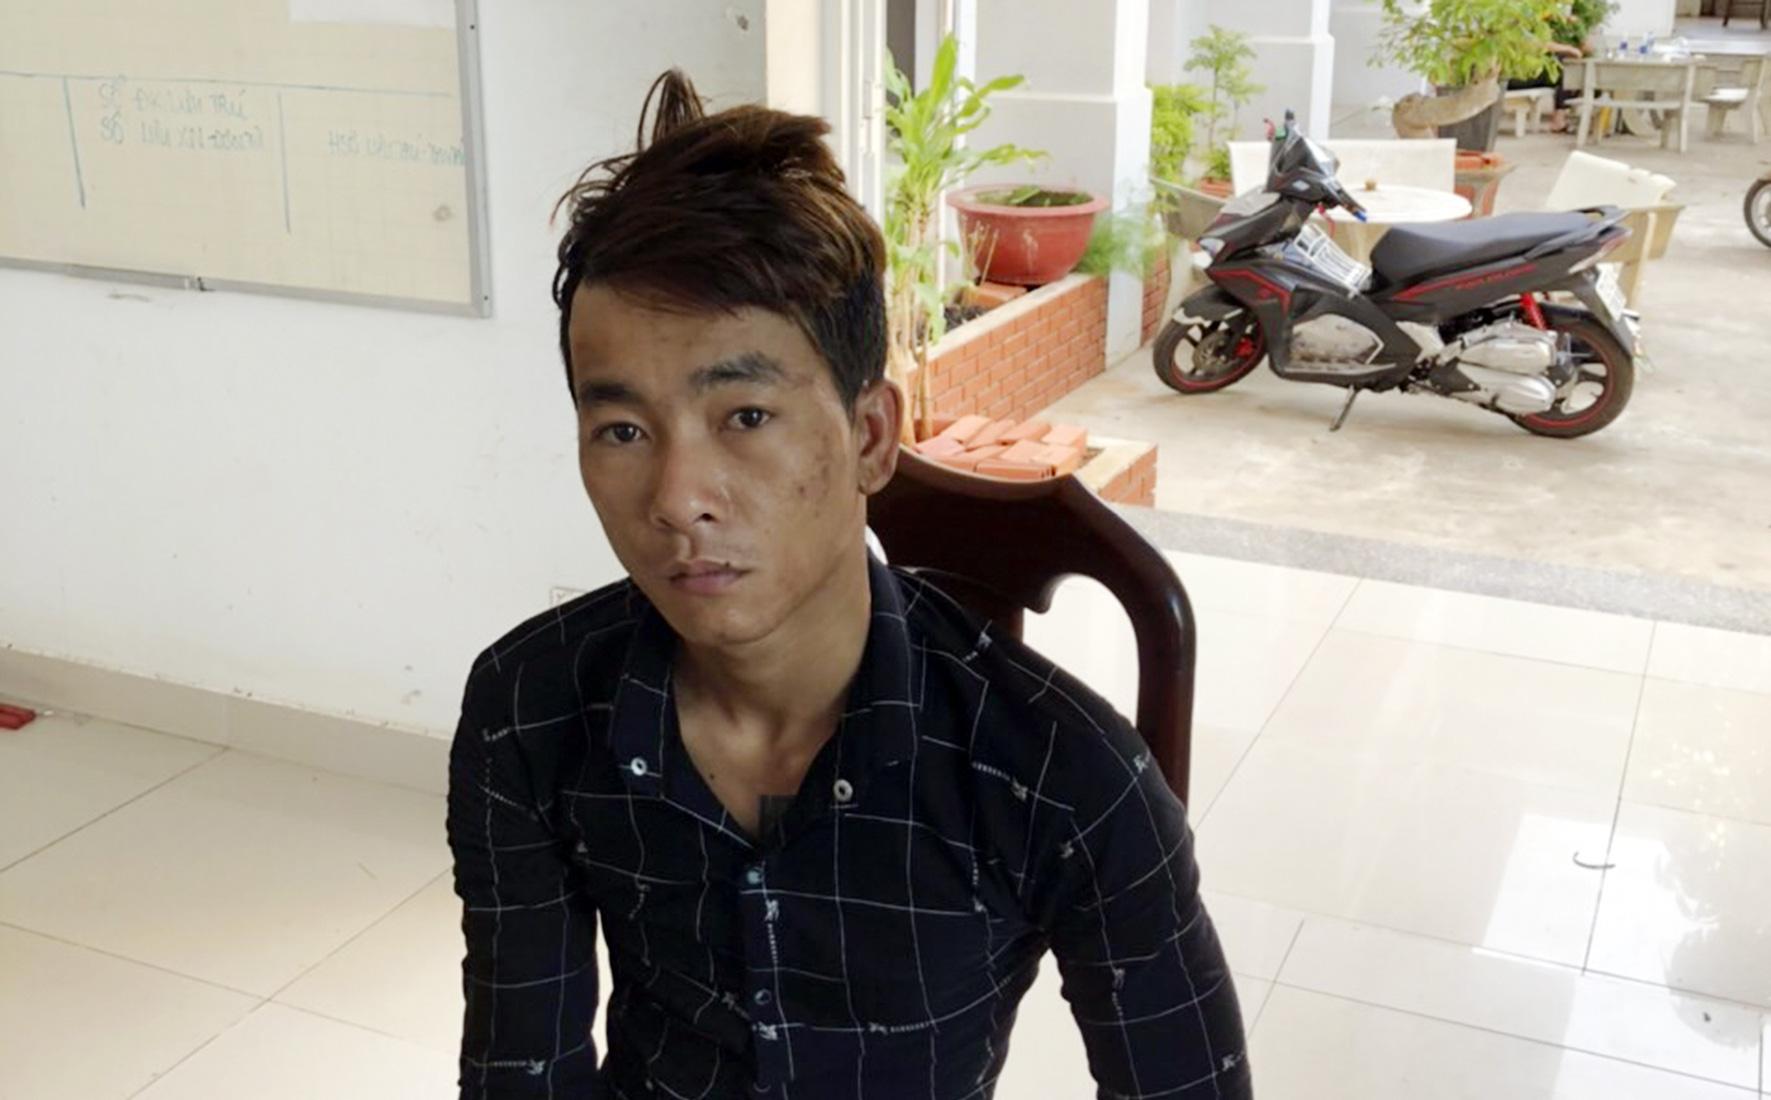 Cháu trộm 100 triệu đồng của người dì ruột cất trên nóc nhà vệ sinh ở chợ Vũng Tàu